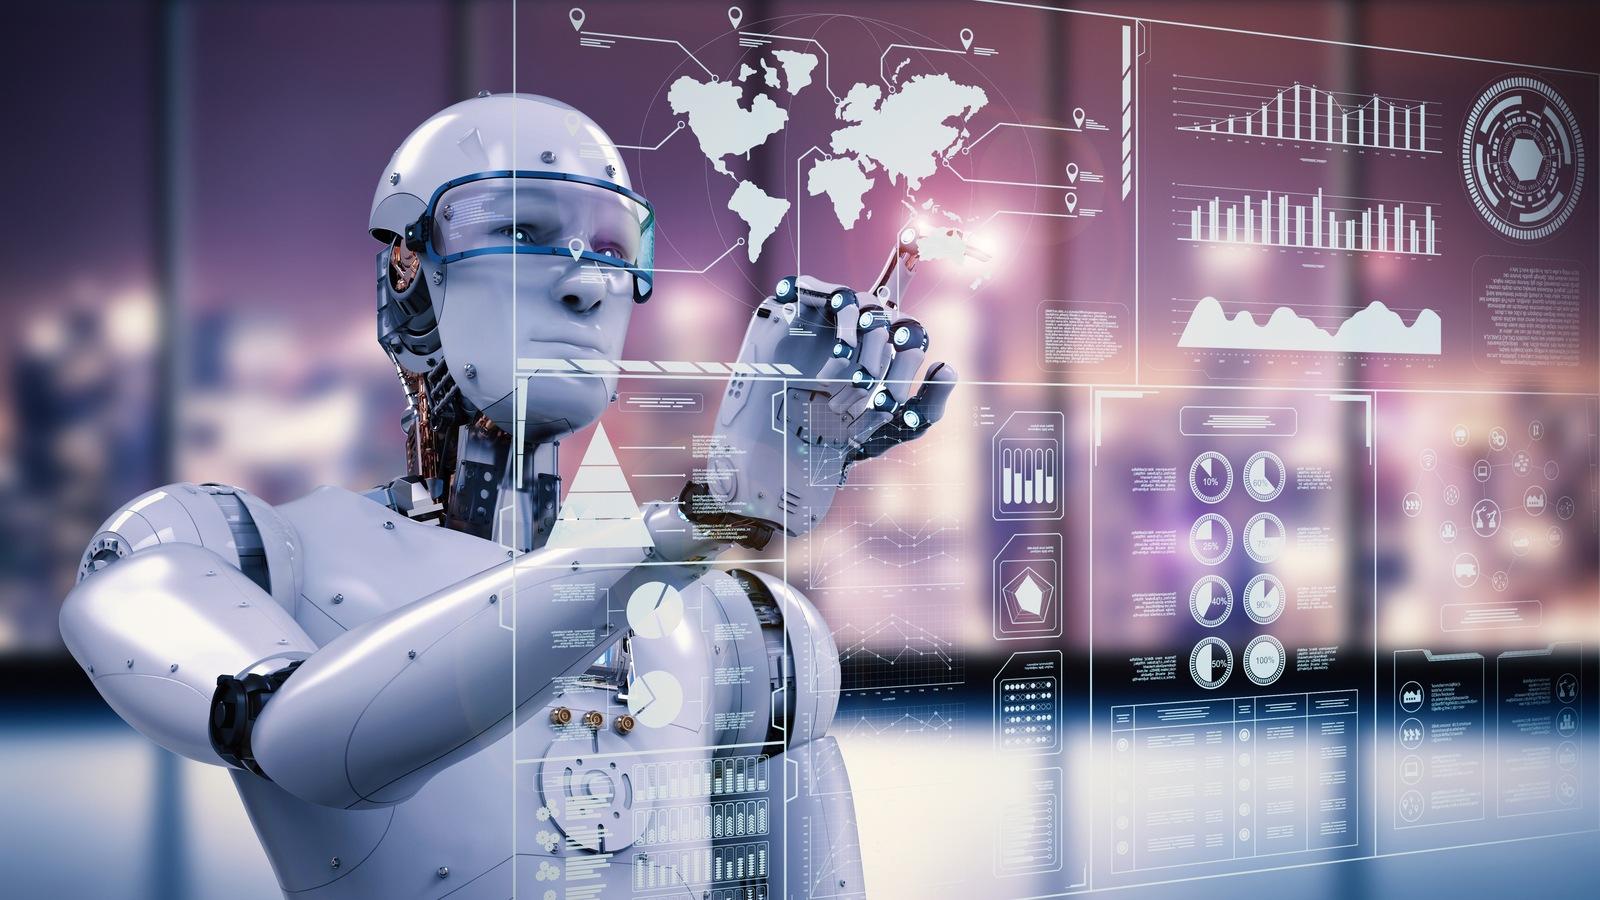 Se acerca la Quinta Revolución Industrial, ¿estamos listos?